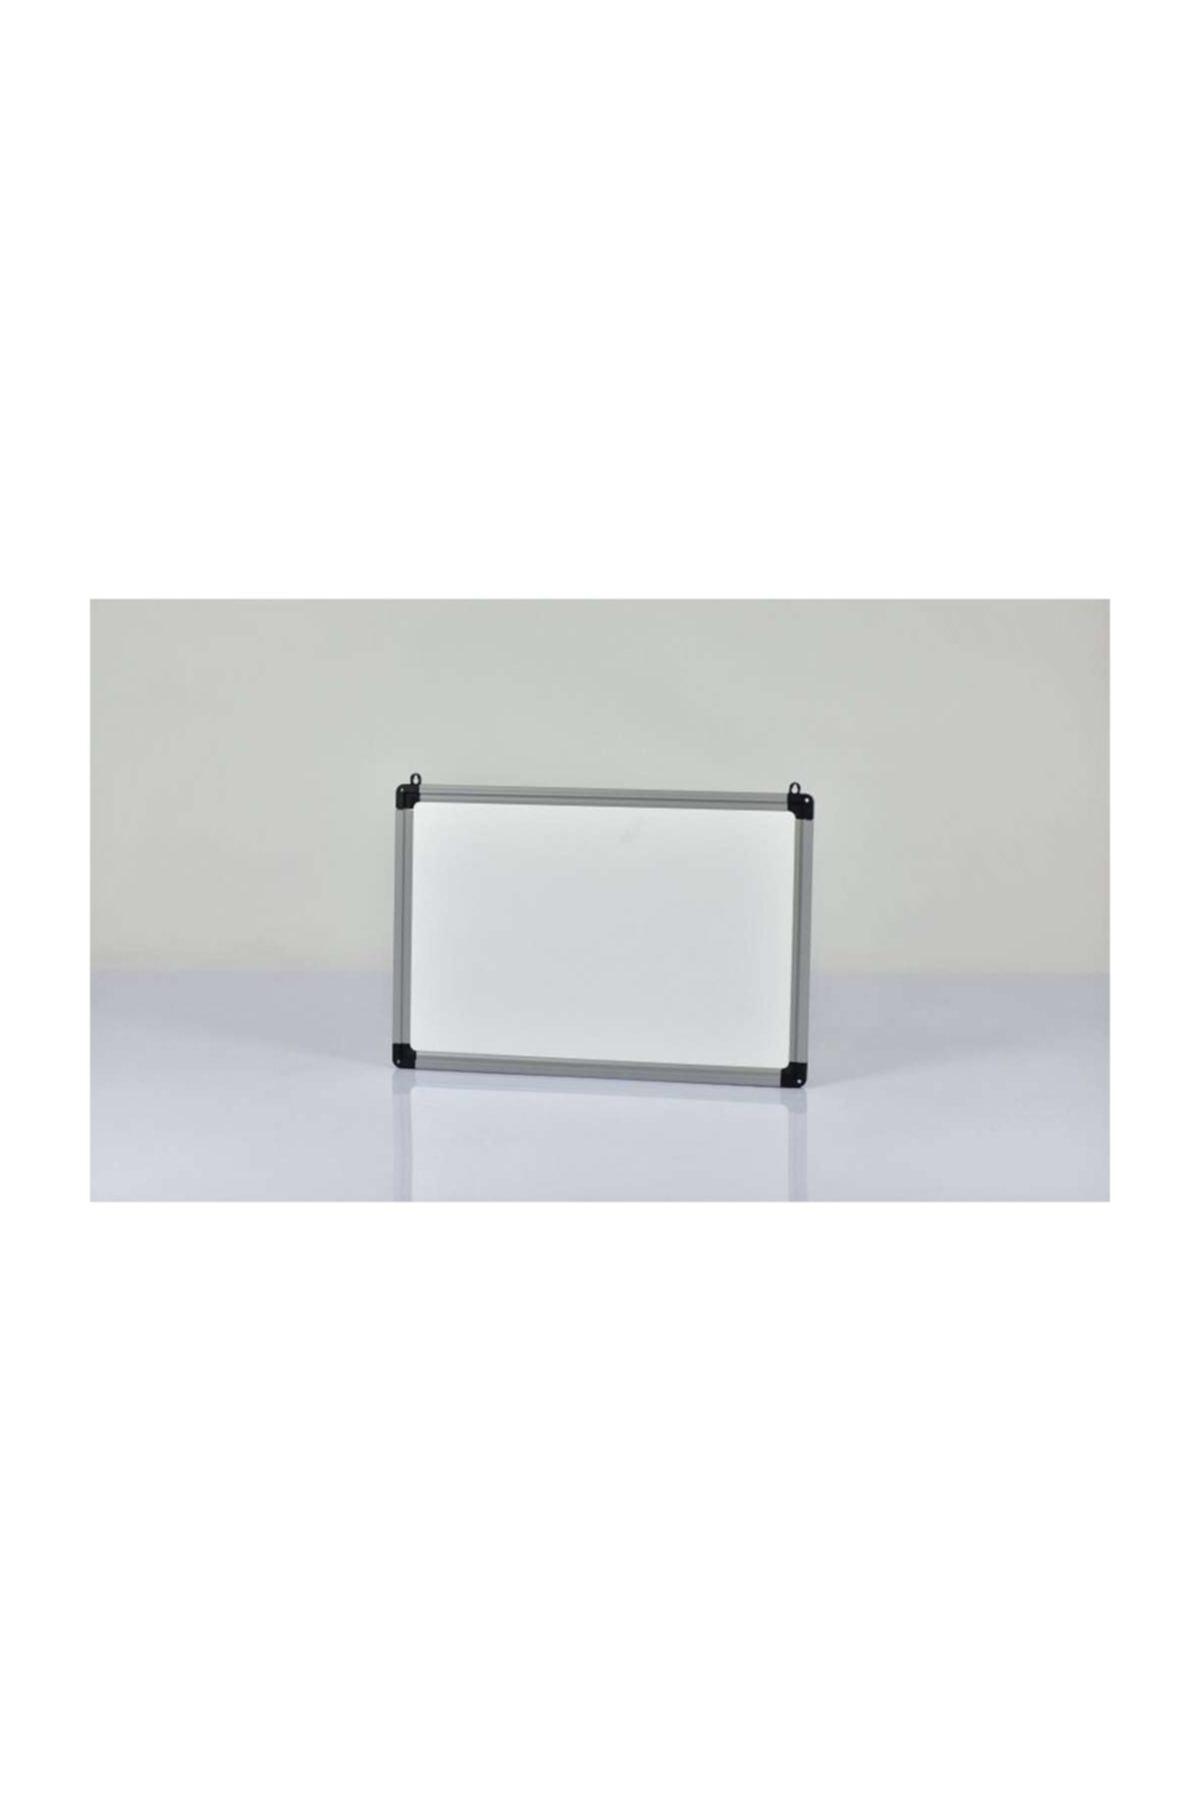 Hdg Yazı Tahtası Beyaz  Duvar Askı Aparatlı  Pvc Çerçeve 40x55 cm 1